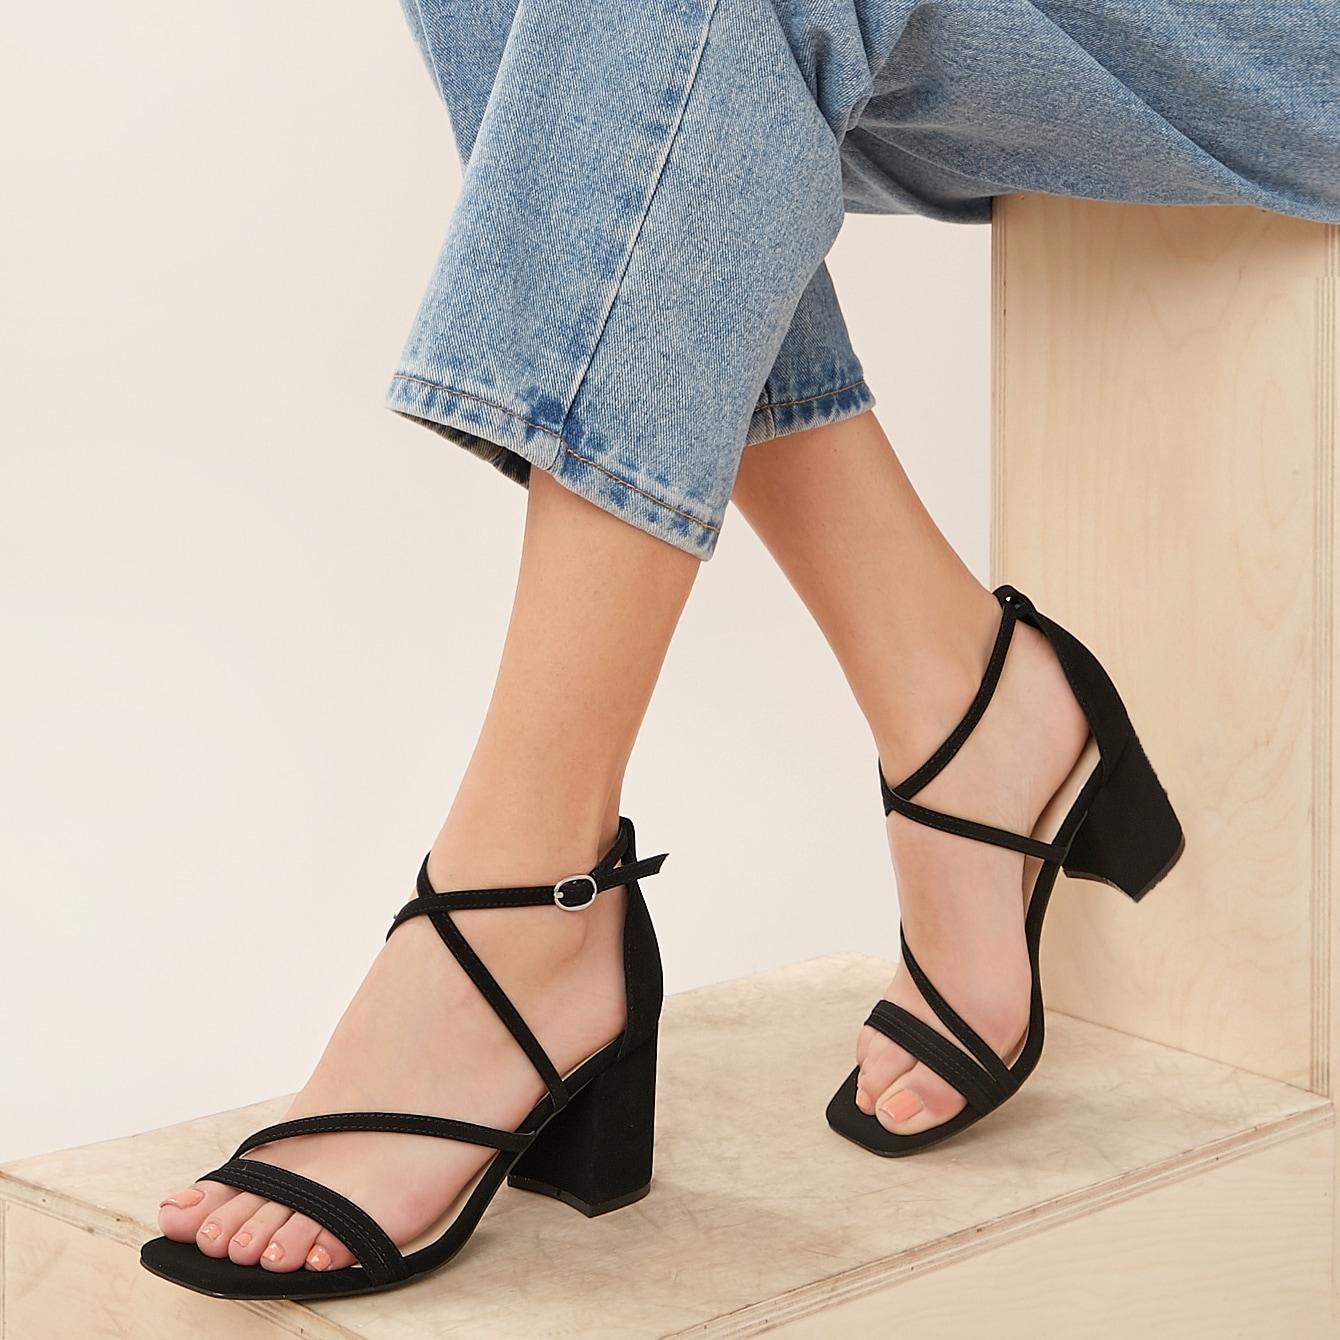 Сандалии на каблуках с открытым носком и ремешком